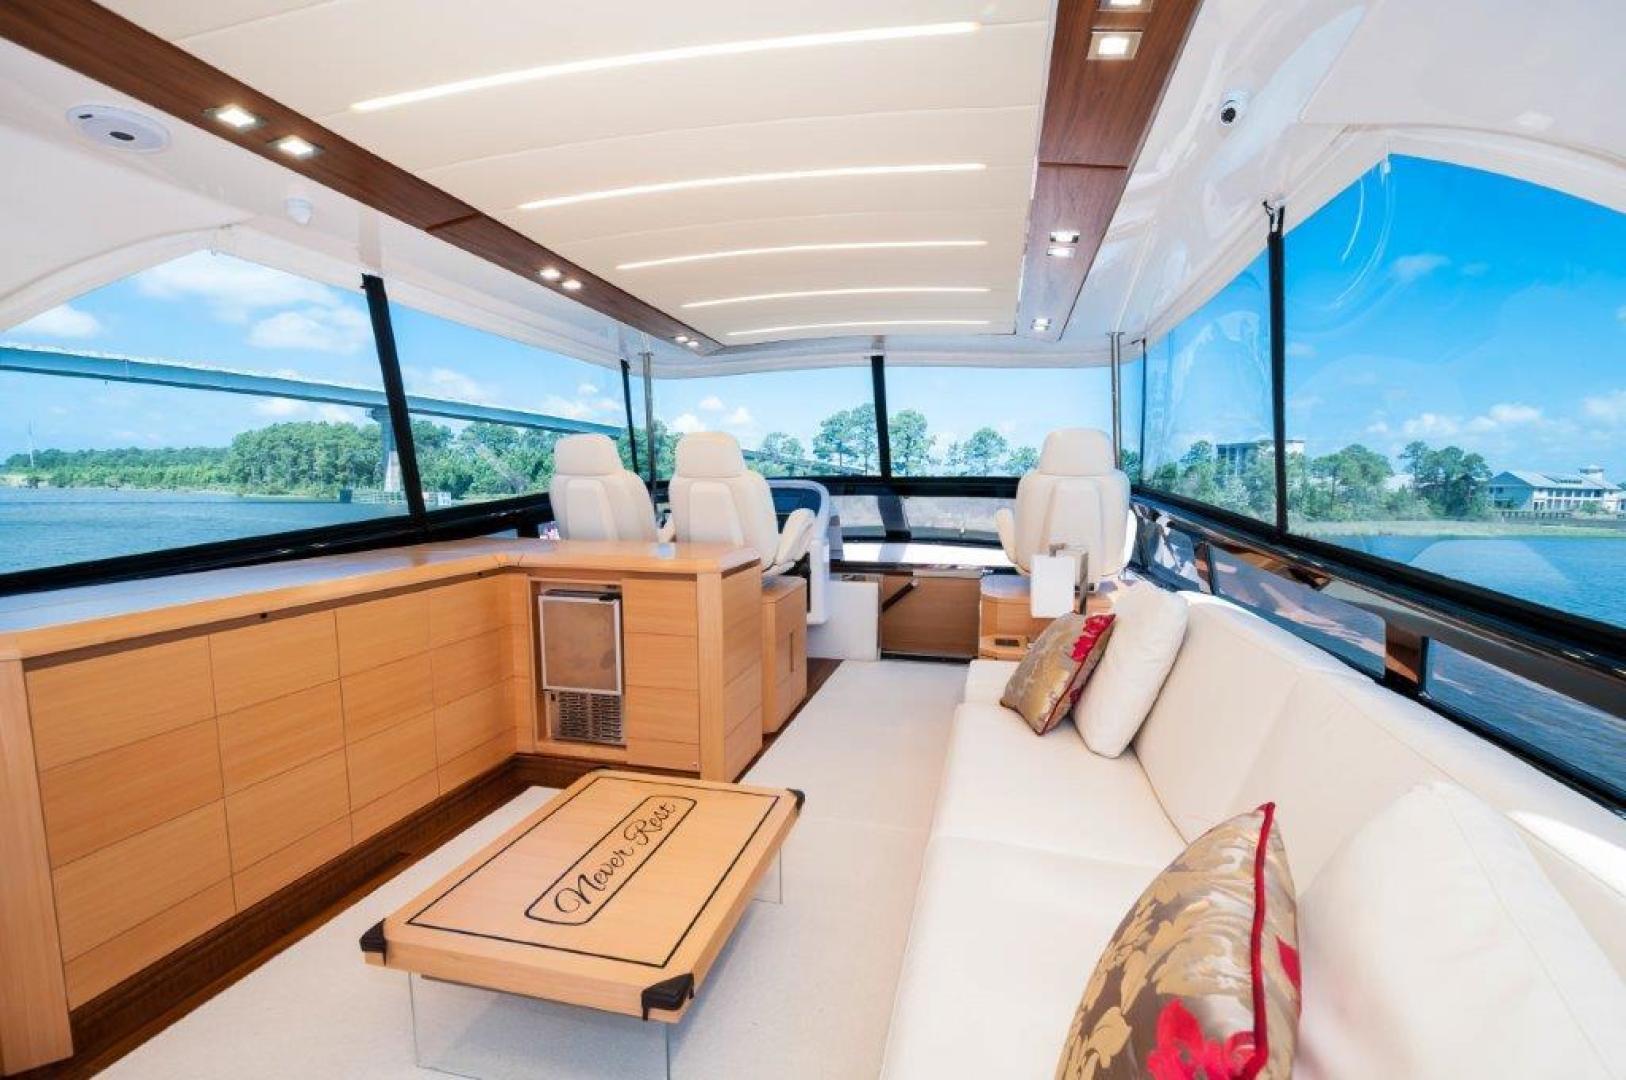 Maiora-84 Motor Yacht 2015-Never Rest SANDESTIN-Florida-United States-2015 Maiora 84 Motor Yacht Flybridge Never Rest-720596 | Thumbnail